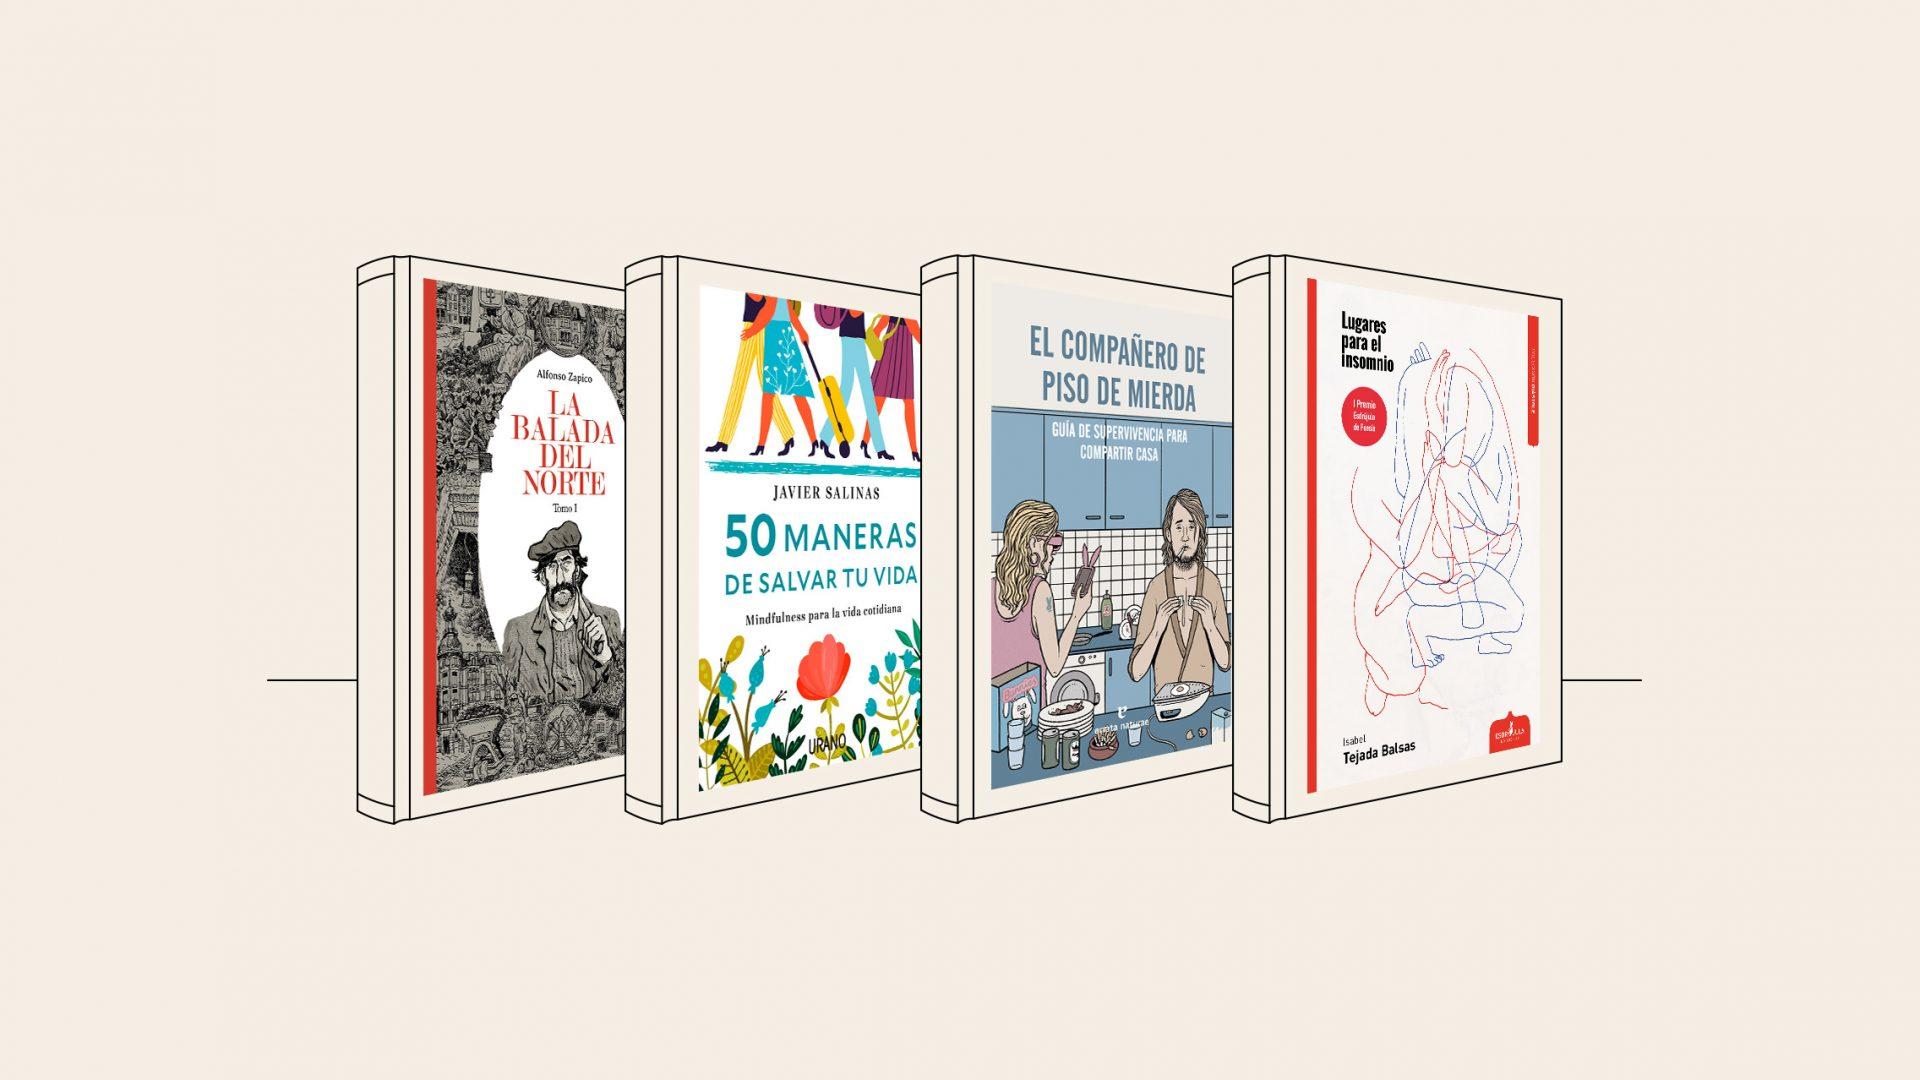 libros_cuarentena_revista_mine_portada